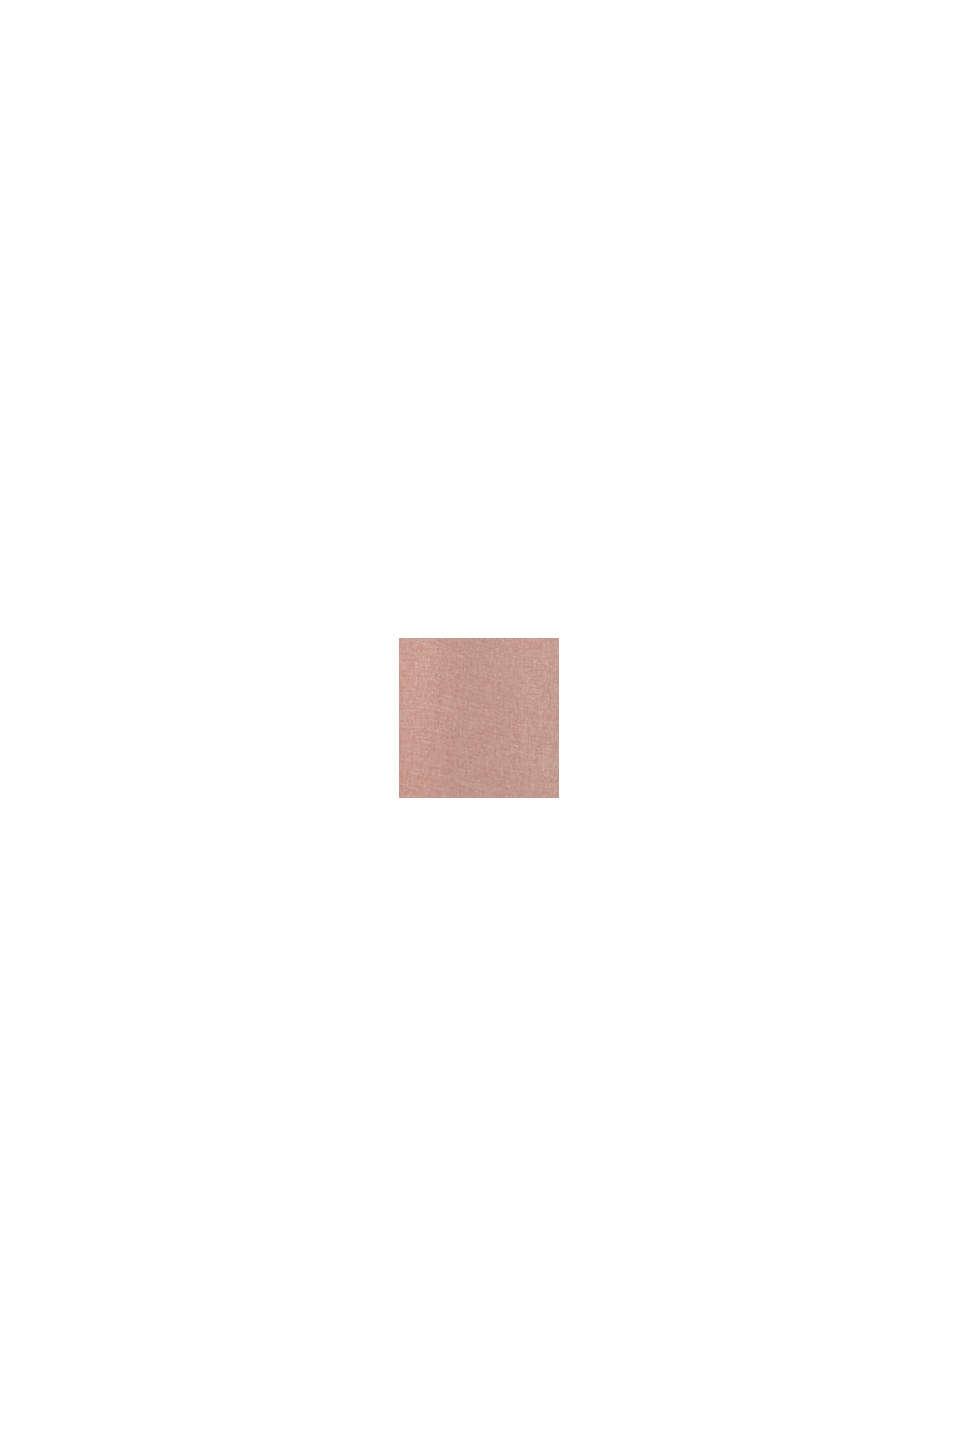 Závěs s kroužky z tkané látky, ROSE, swatch